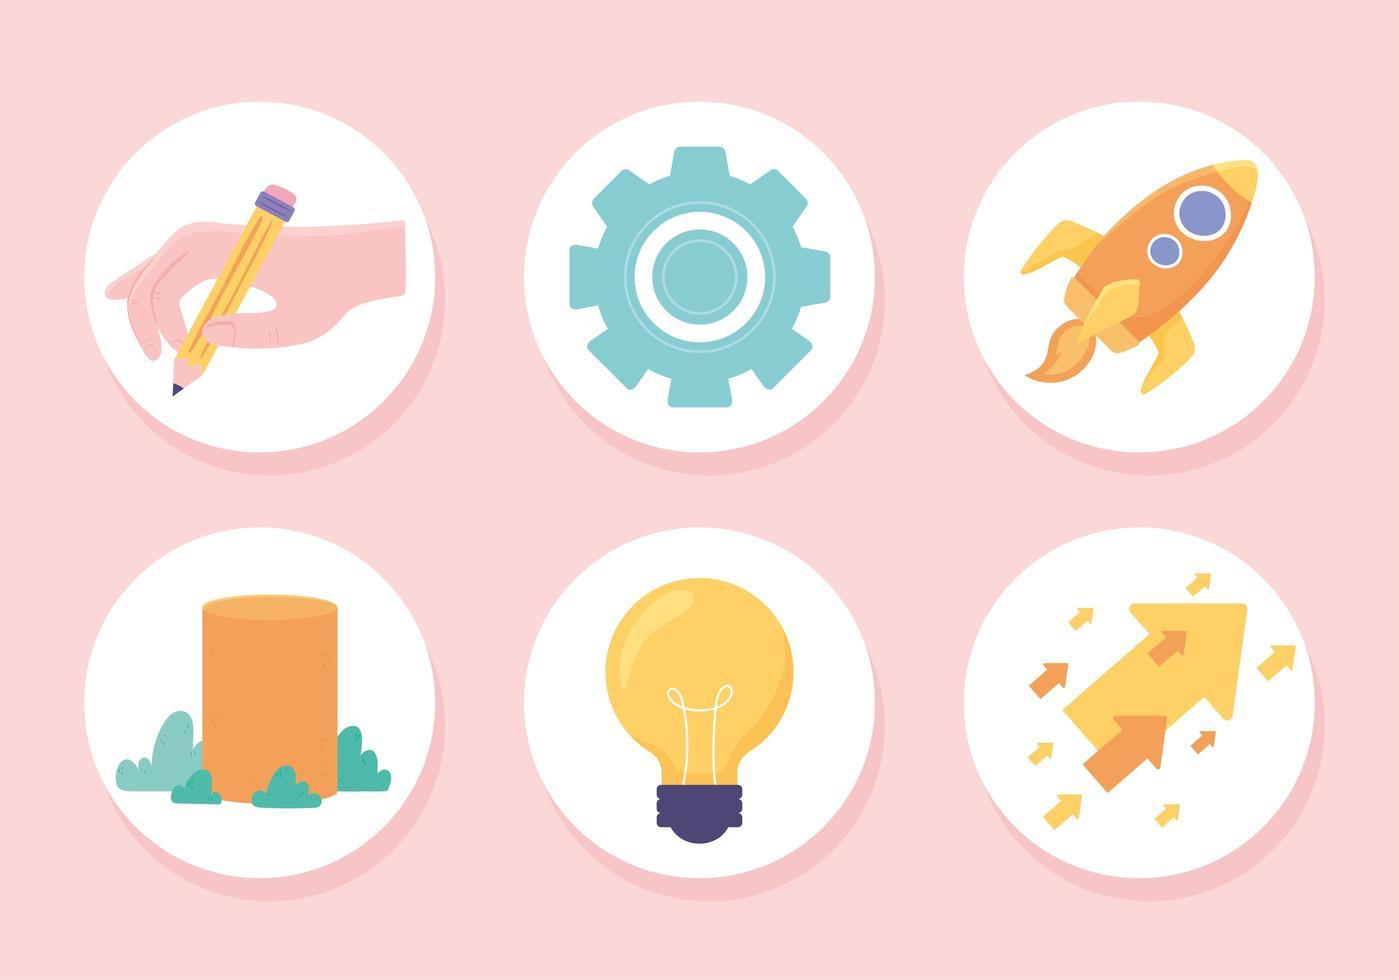 conjunto de ícones de sucesso de progresso vetor